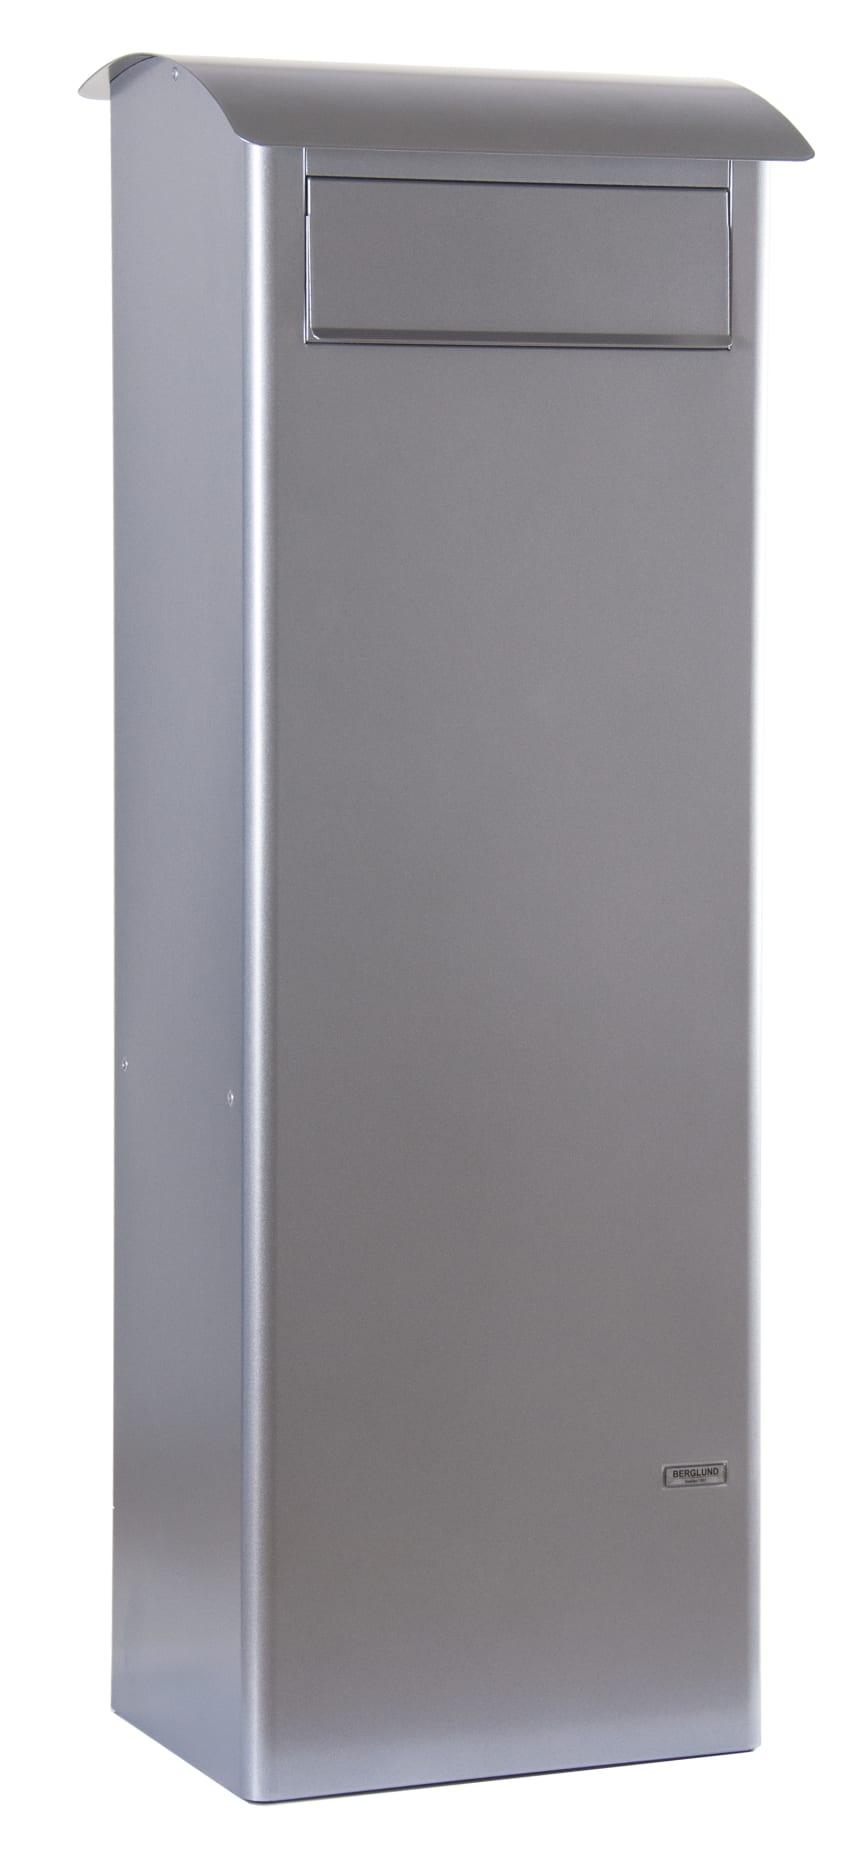 M2000B - Silver